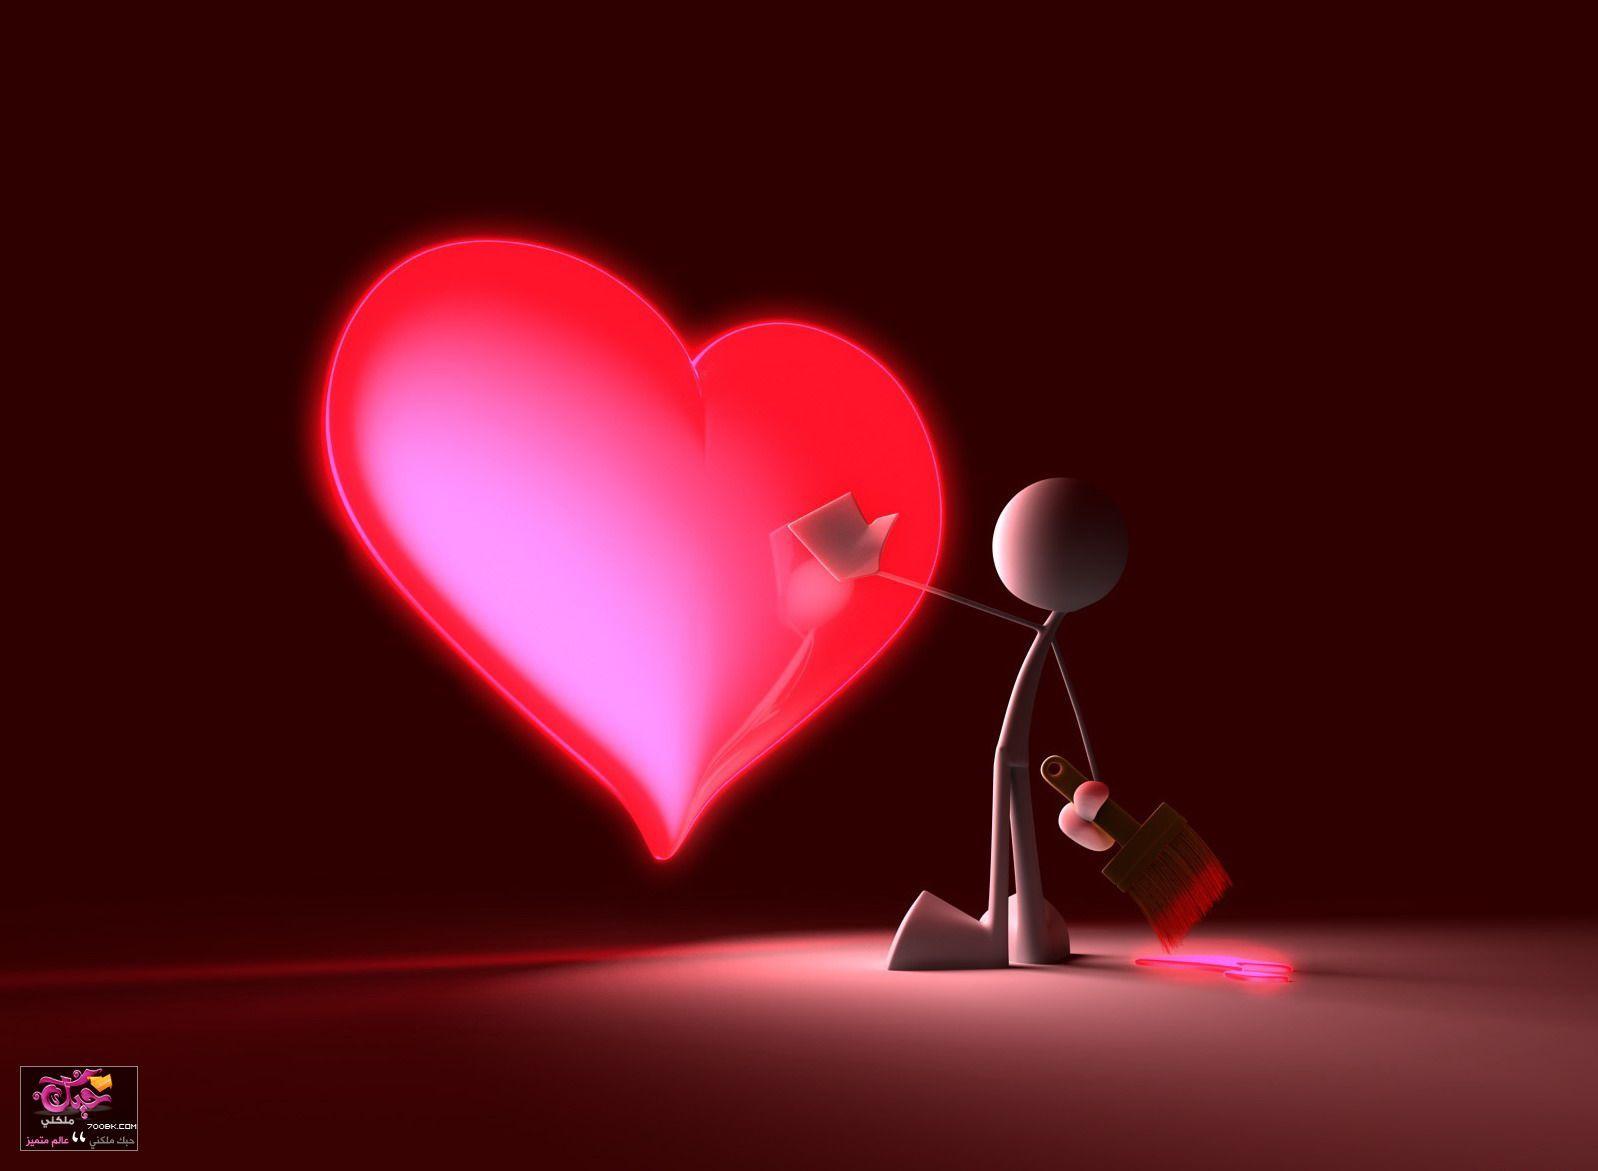 فريضة الحج في موسم الحج 2012 صور قلوب 2012